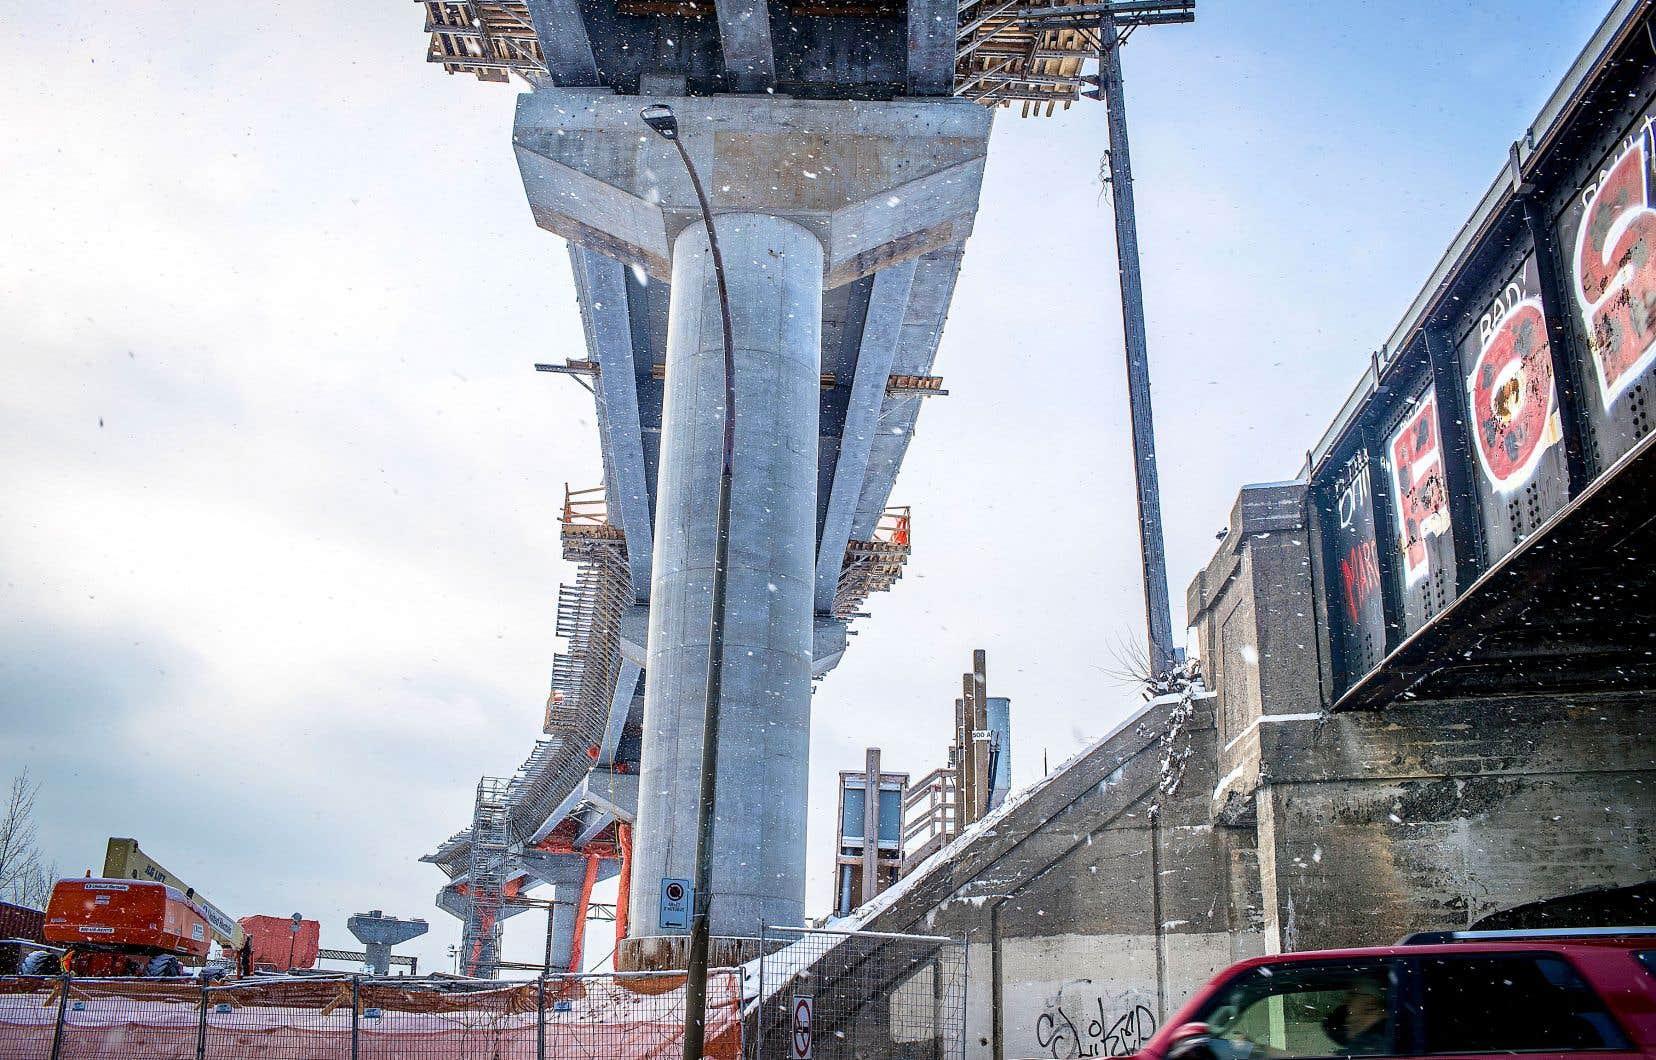 Des résidants des secteurs concernés et des experts ont dénoncé la formule du tracé aérien du REM dans l'Est de l'île de Montréal, considérée comme une structure trop invasive par rapport à un tunnel.